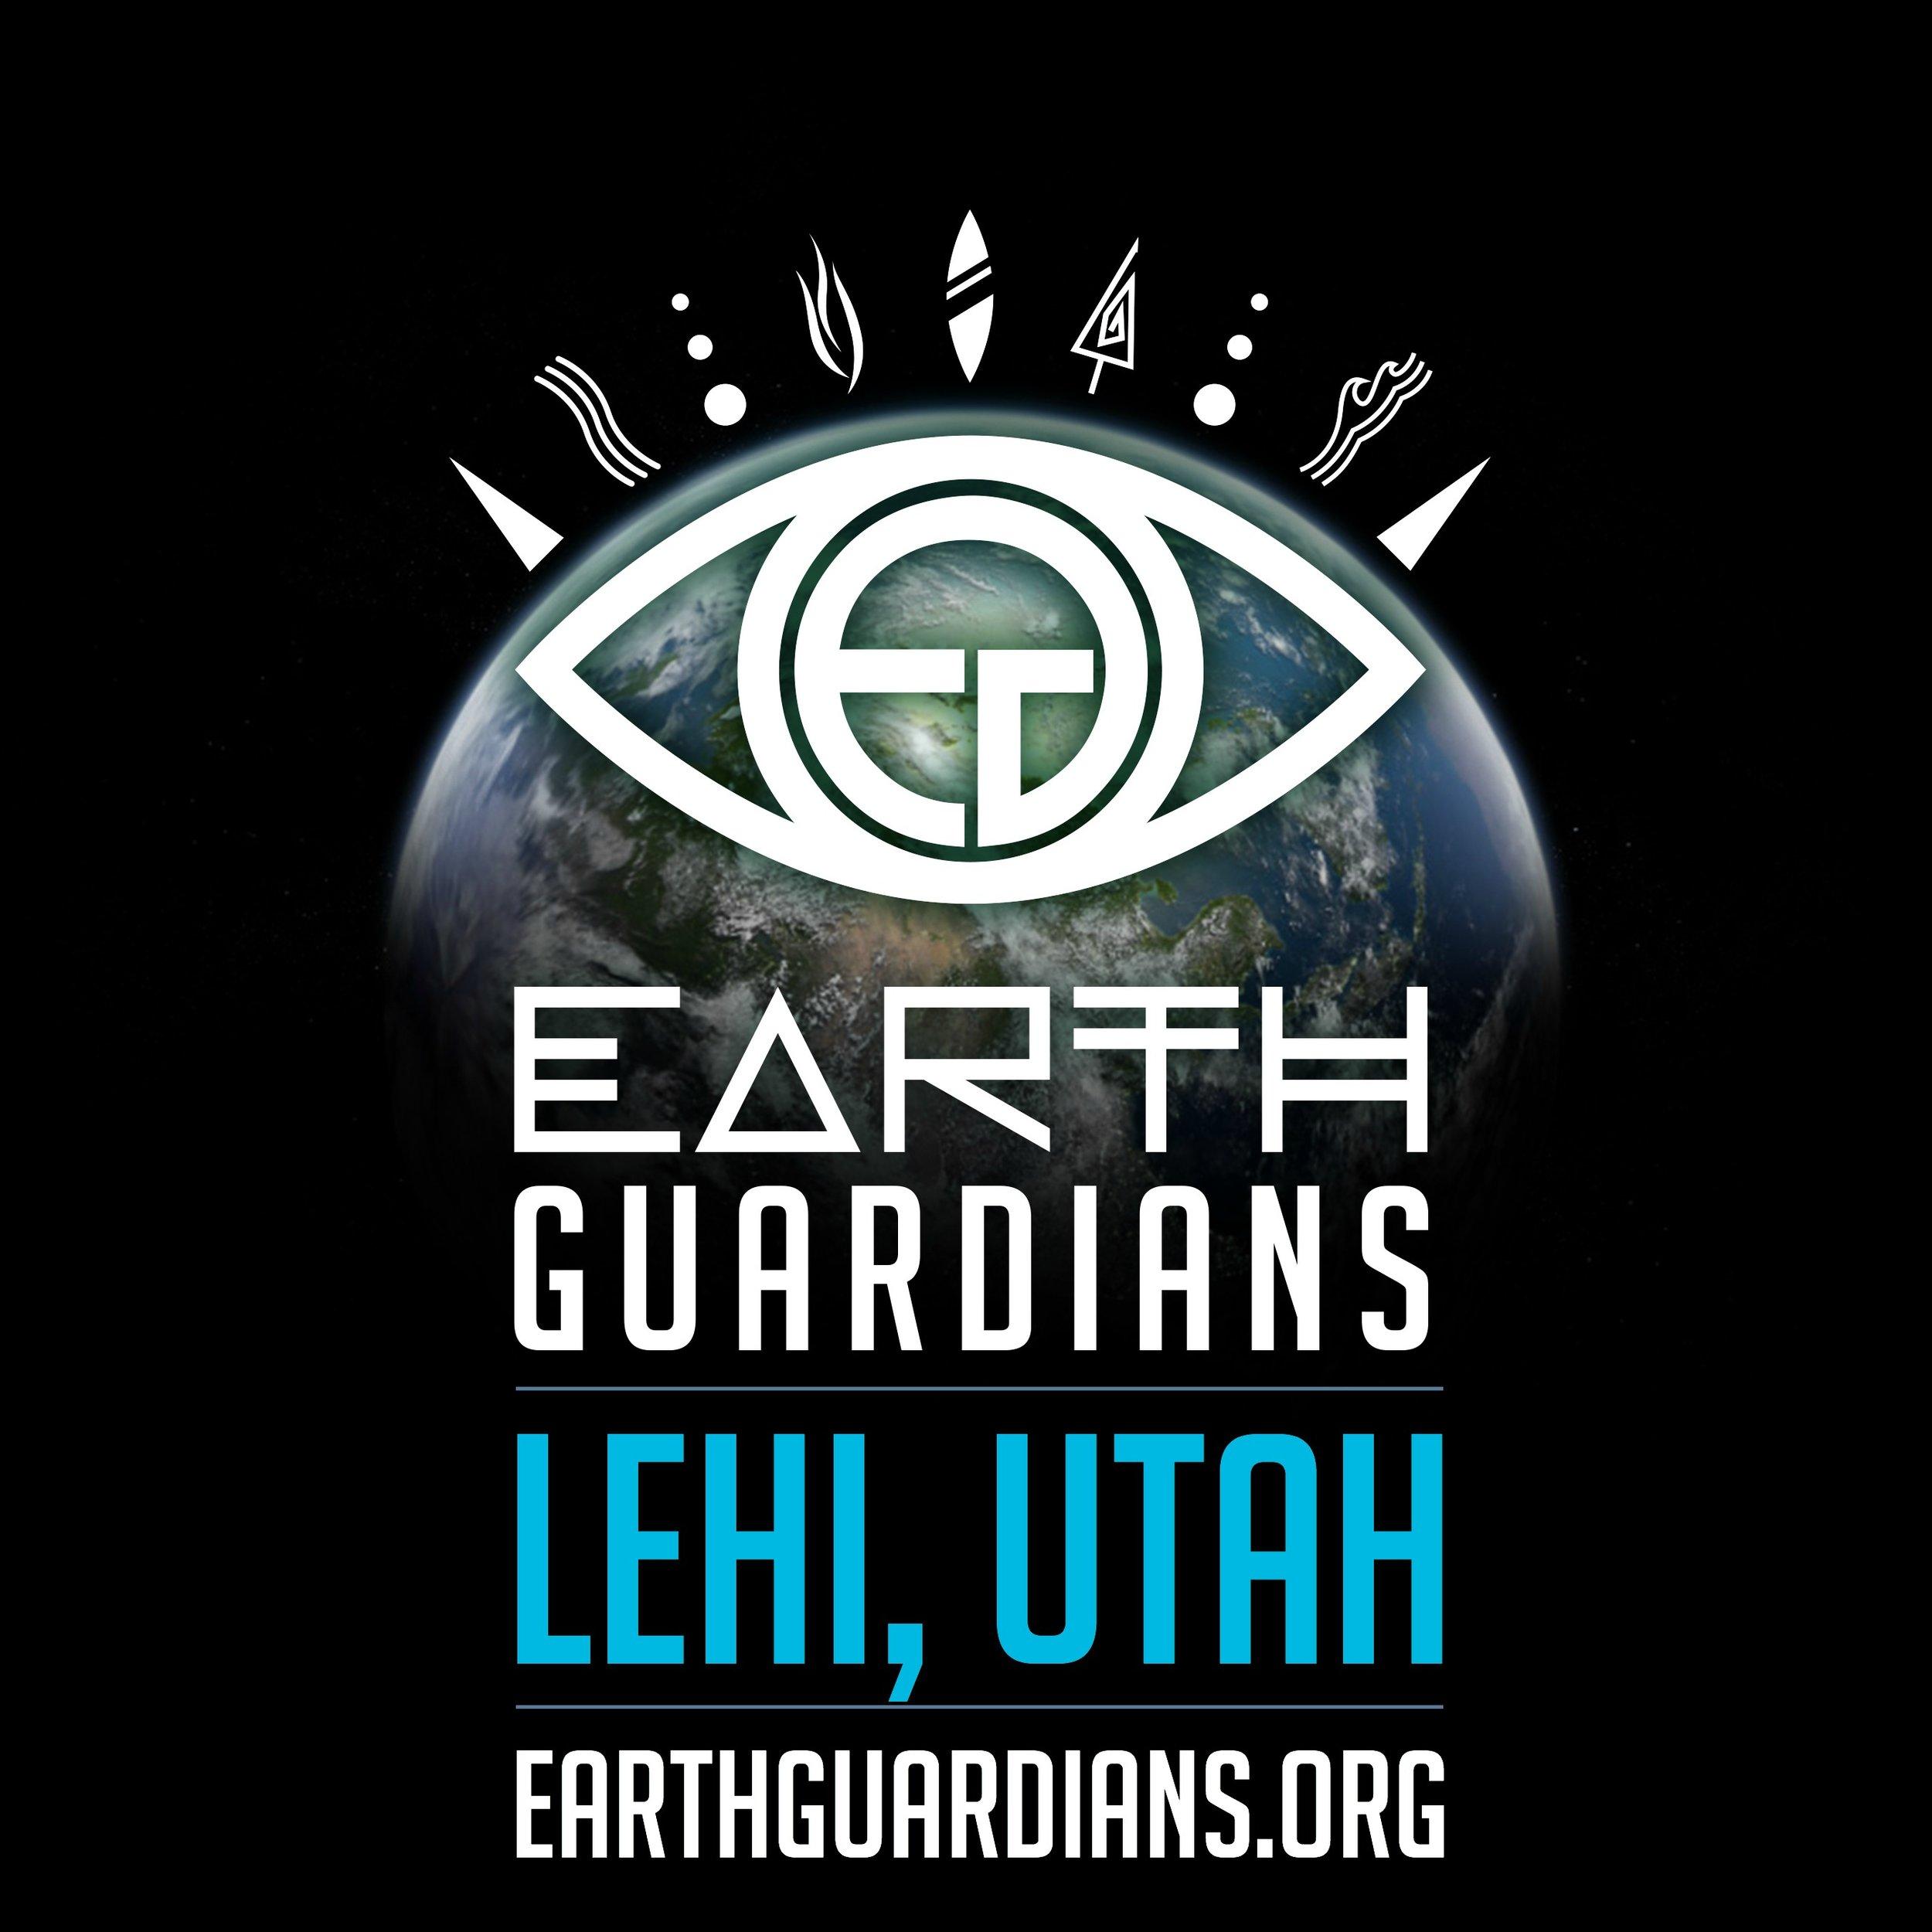 EG_crew logo LEHI UTAH.jpg